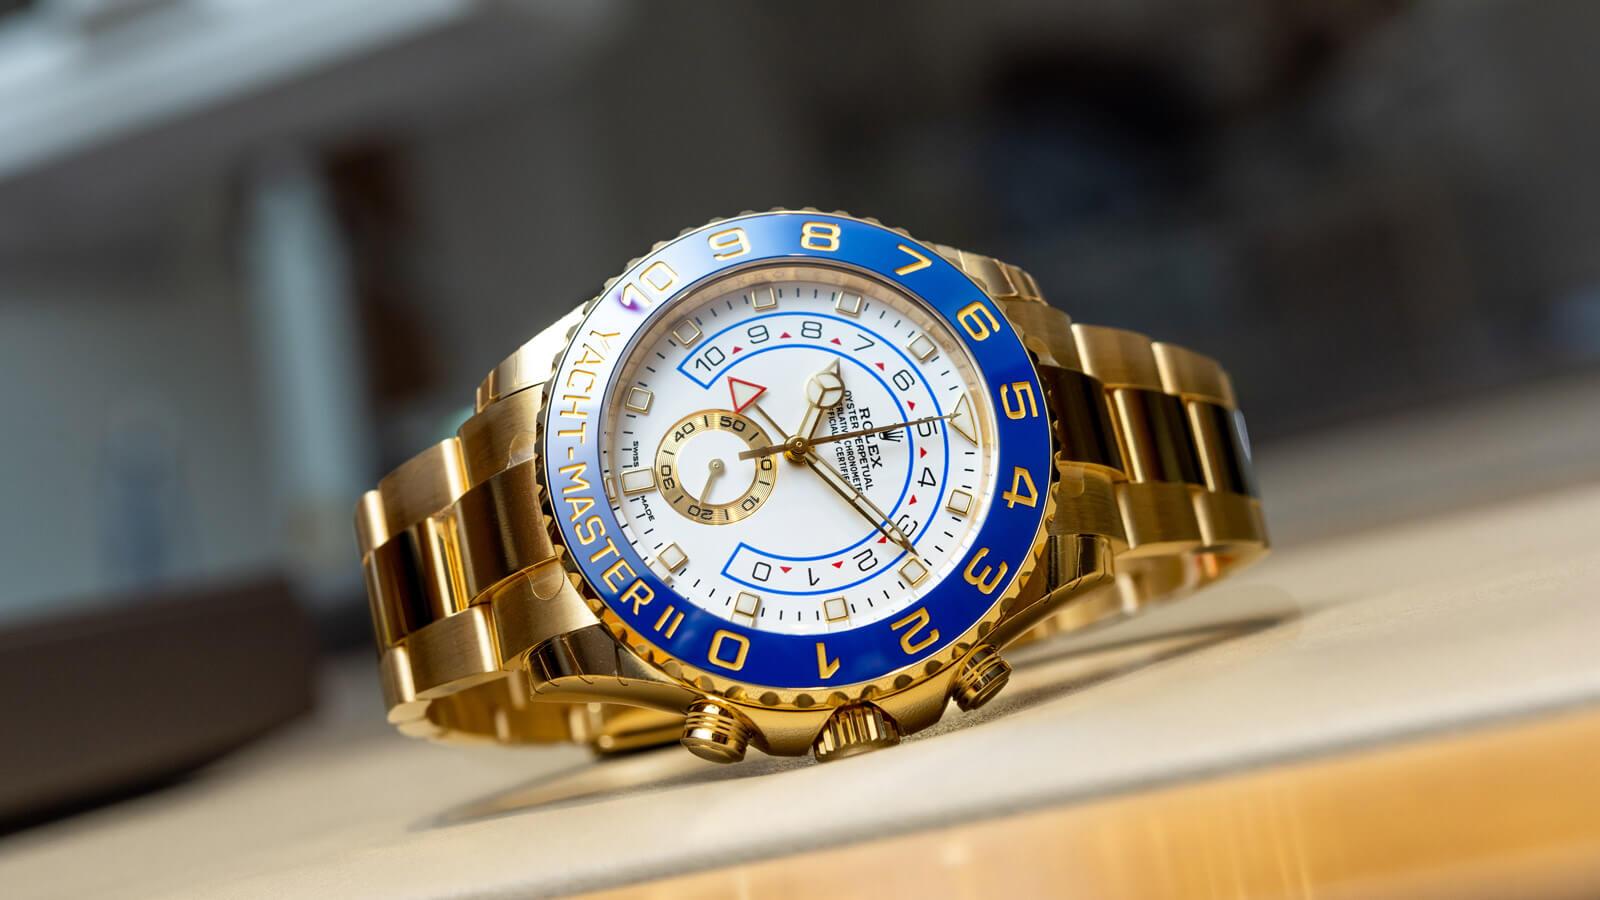 Rolex Yacht-Master II – Ref. 116688